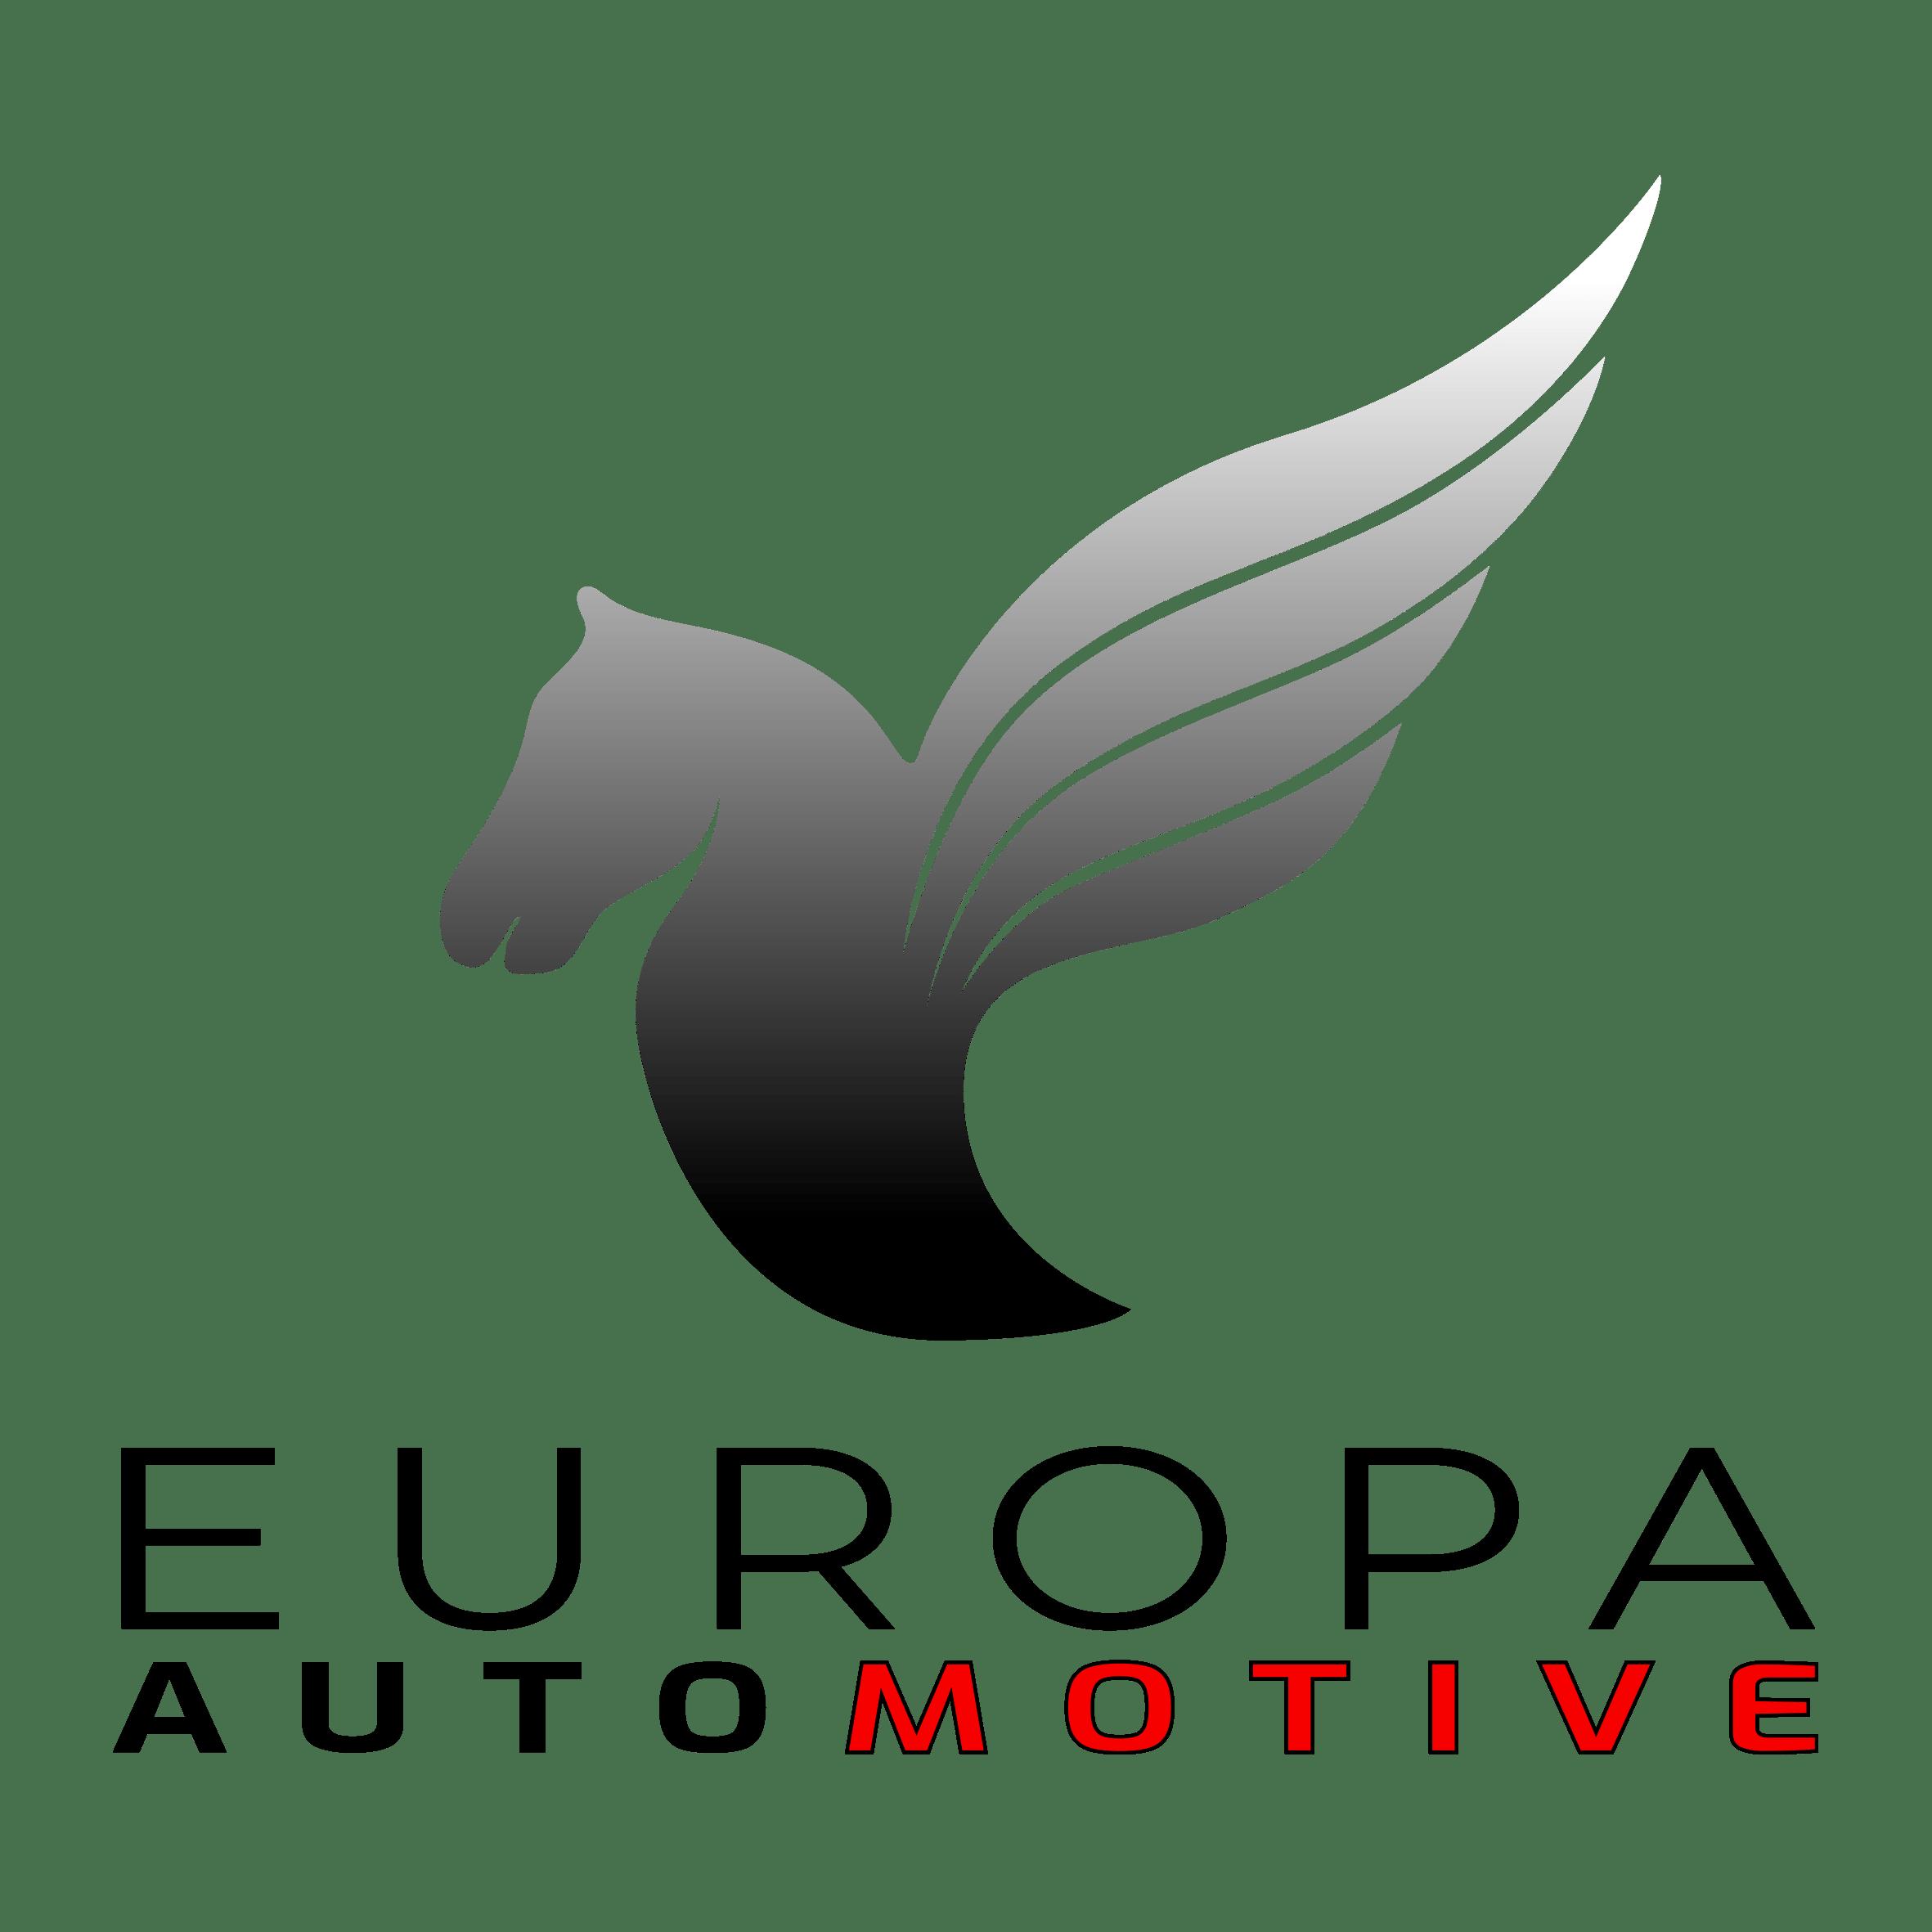 Europa Automotive | Vehículos de segunda mano en Pamplona